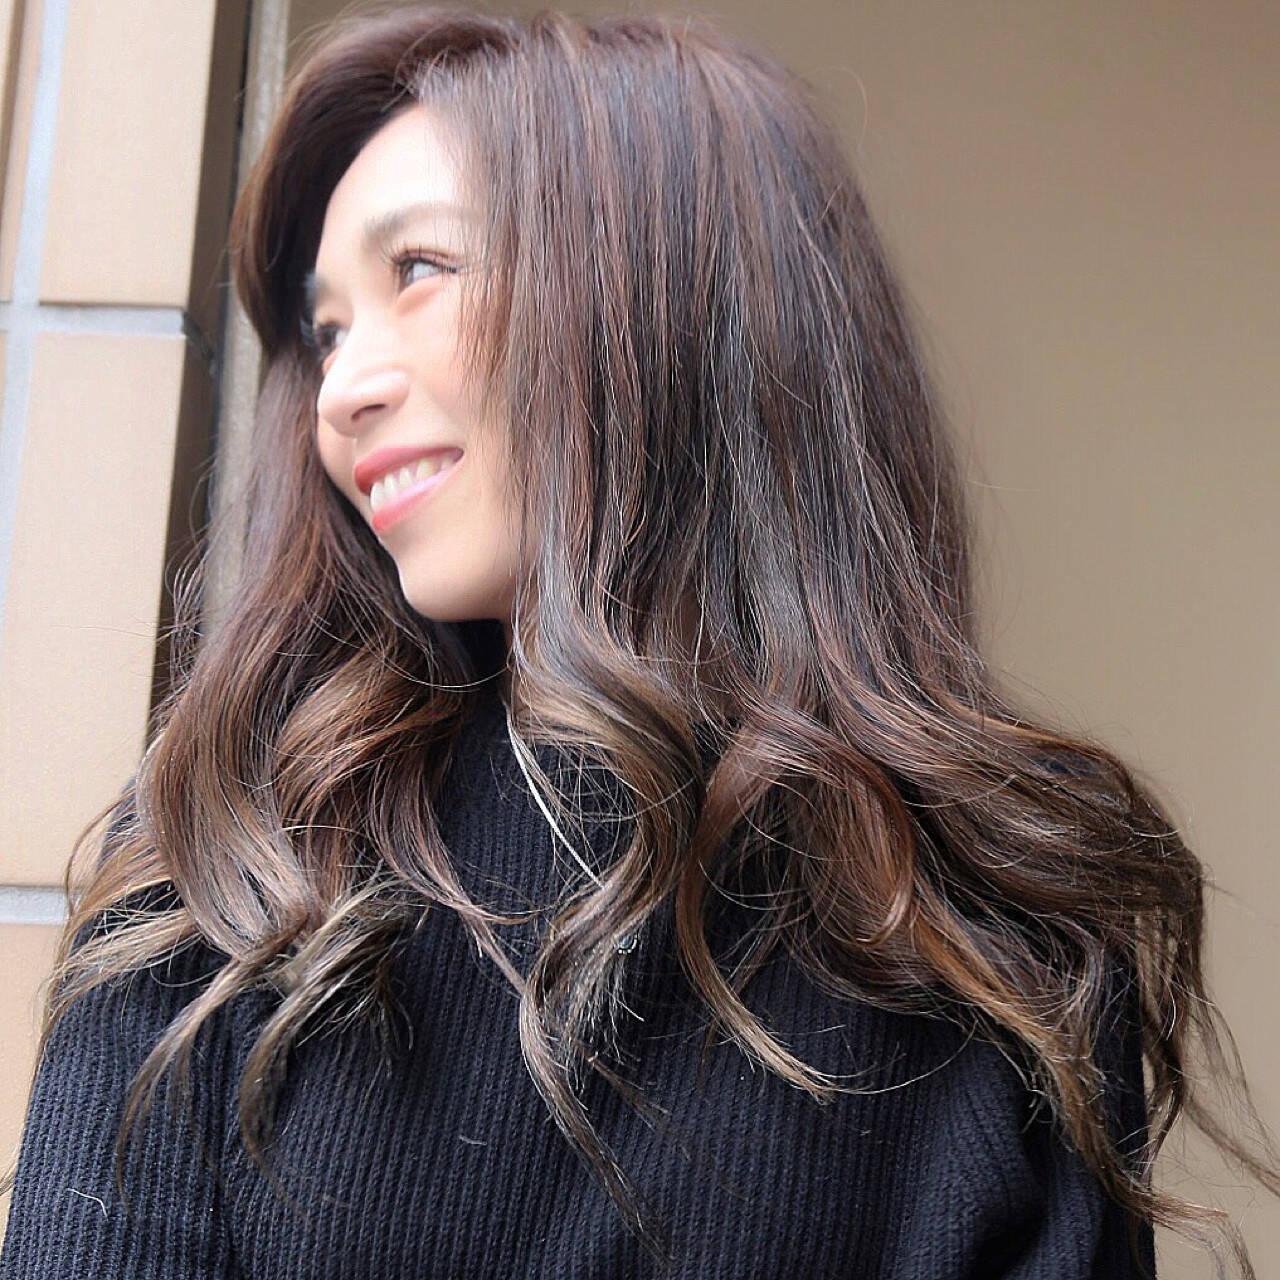 グラデーションカラー ハイライト 外国人風 ナチュラルヘアスタイルや髪型の写真・画像